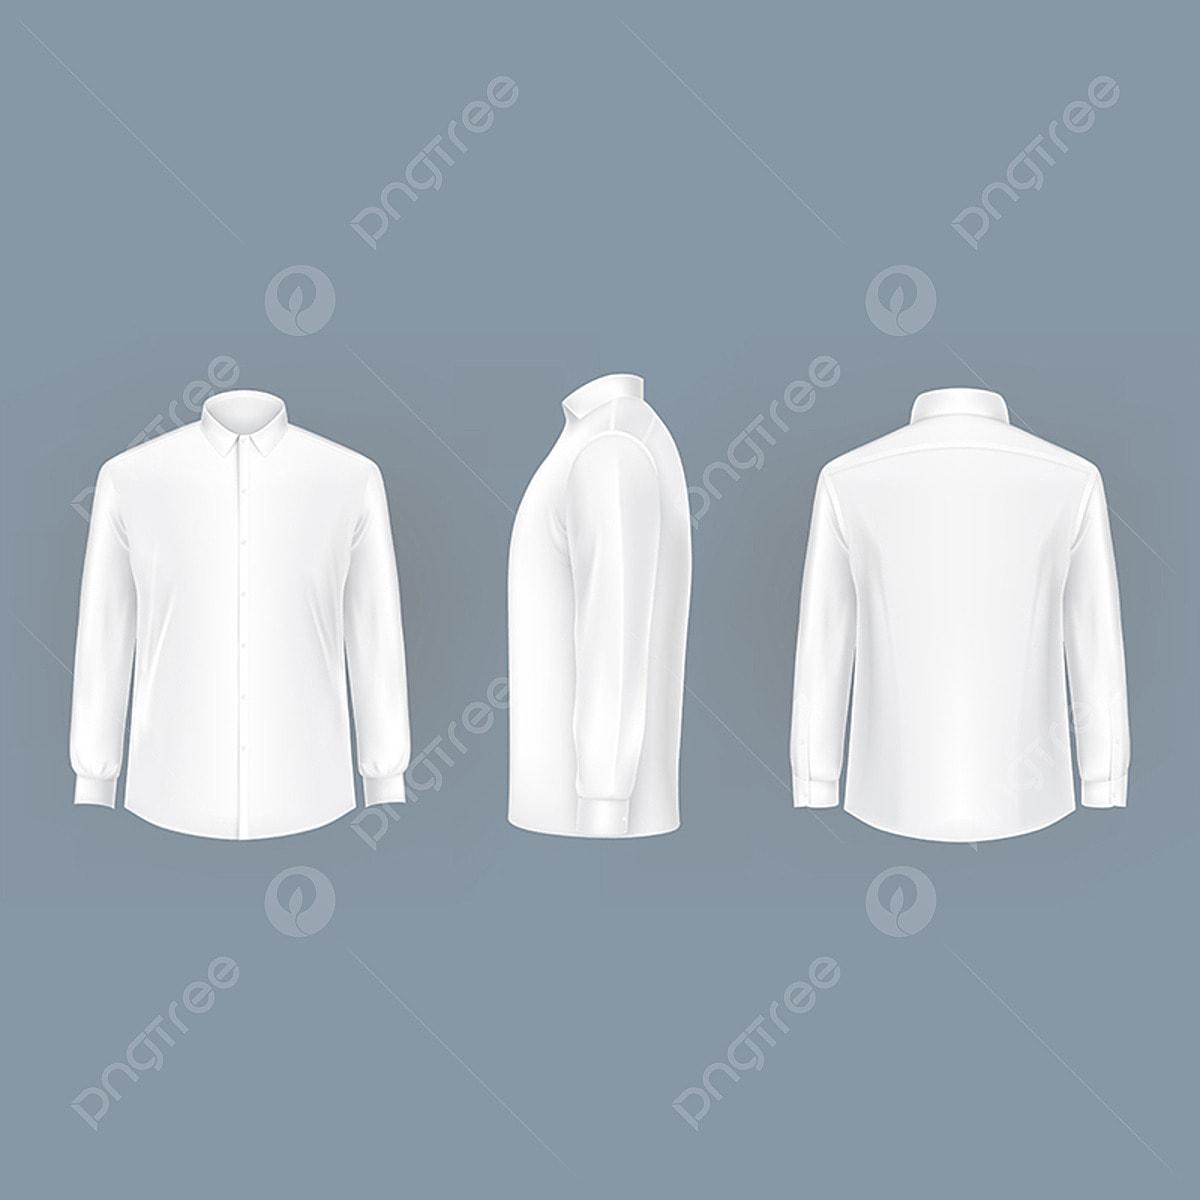 Gambar Lelaki Kulit Putih Dengan Baju Lengan Panjang Dan Butang Baju Template Vektor Png Dan Vektor Untuk Muat Turun Percuma